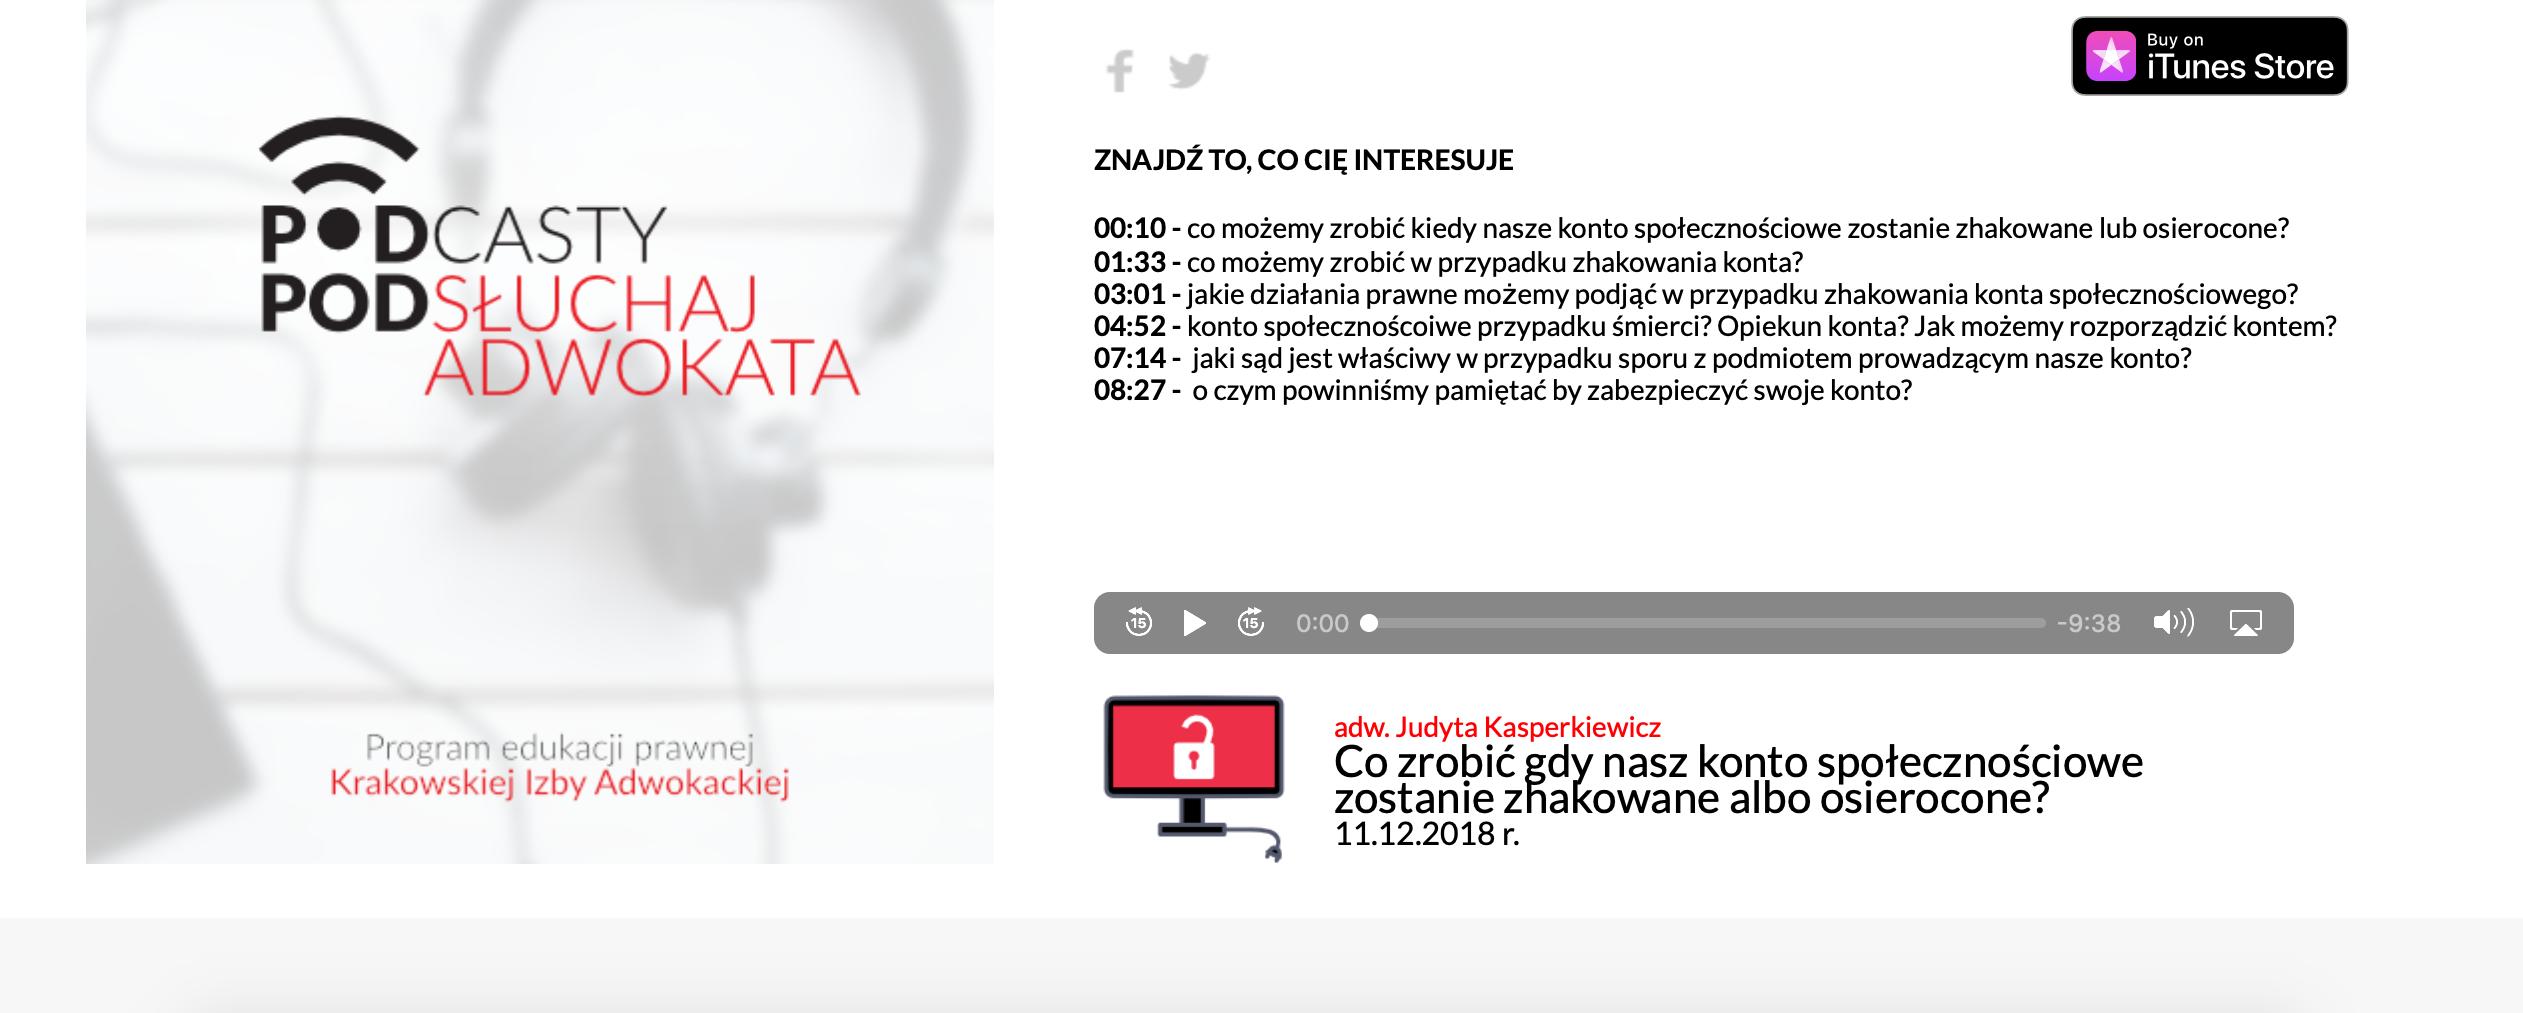 Zrzut ekranu 2021-01-10 o 15.30.43.png